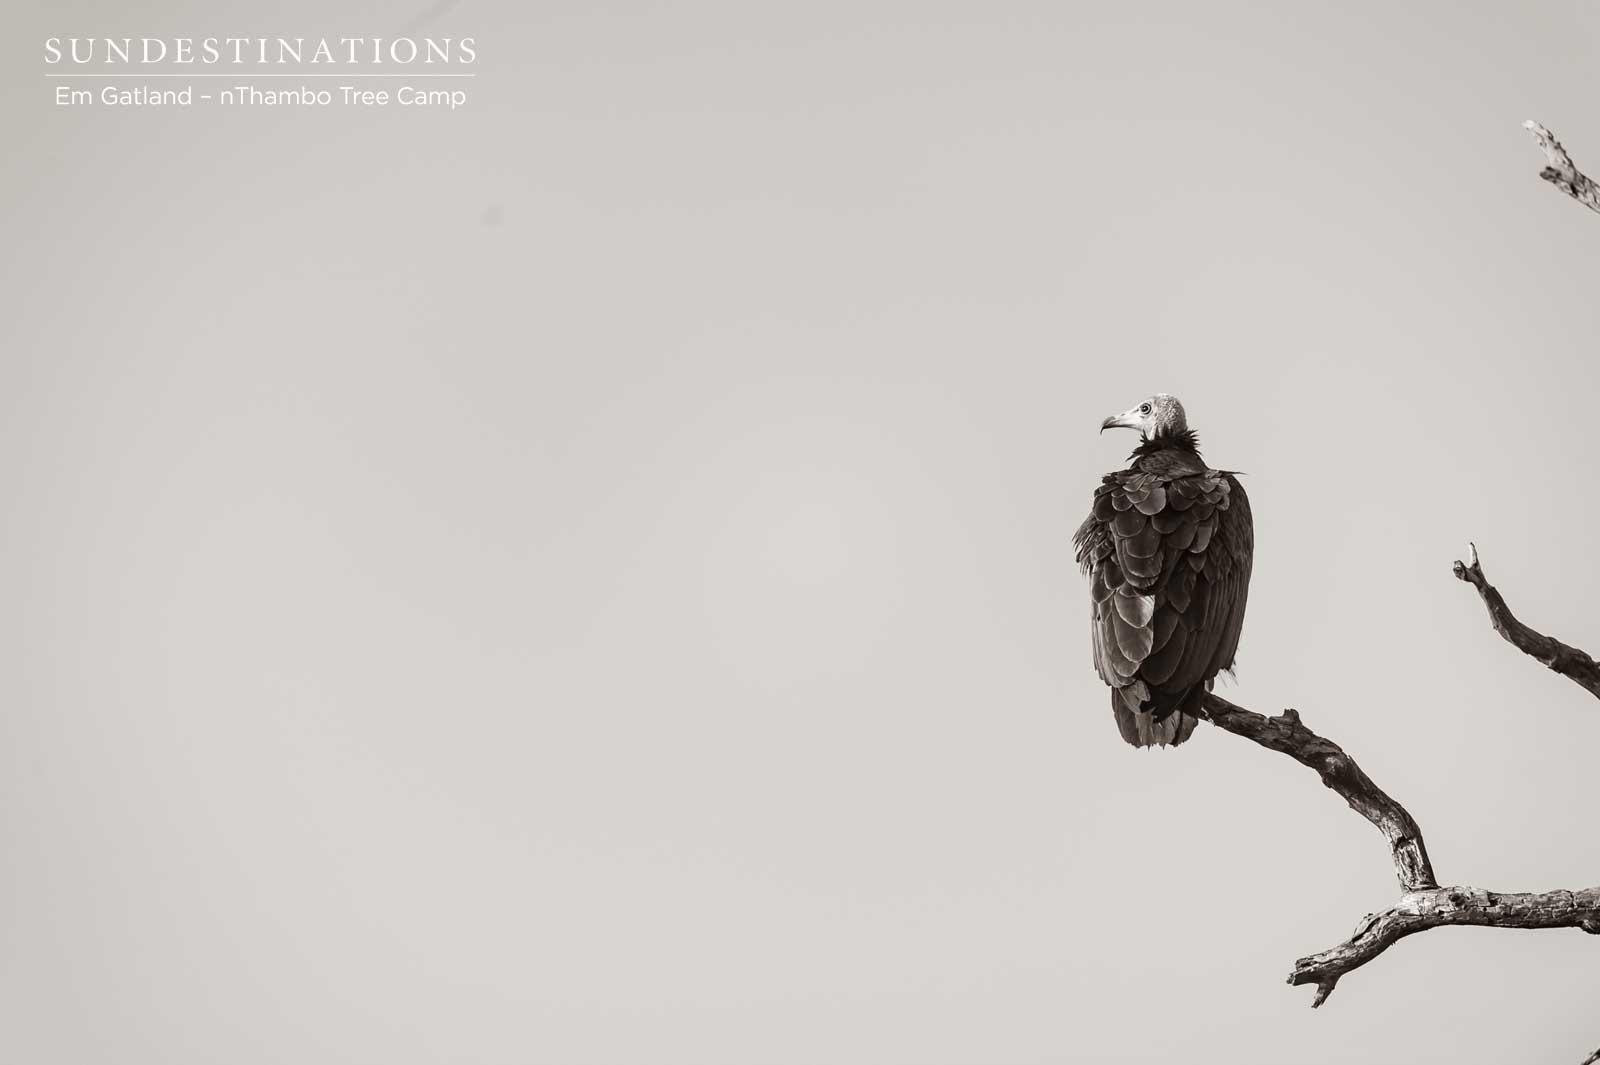 Vultures at nThambo Tree Camp